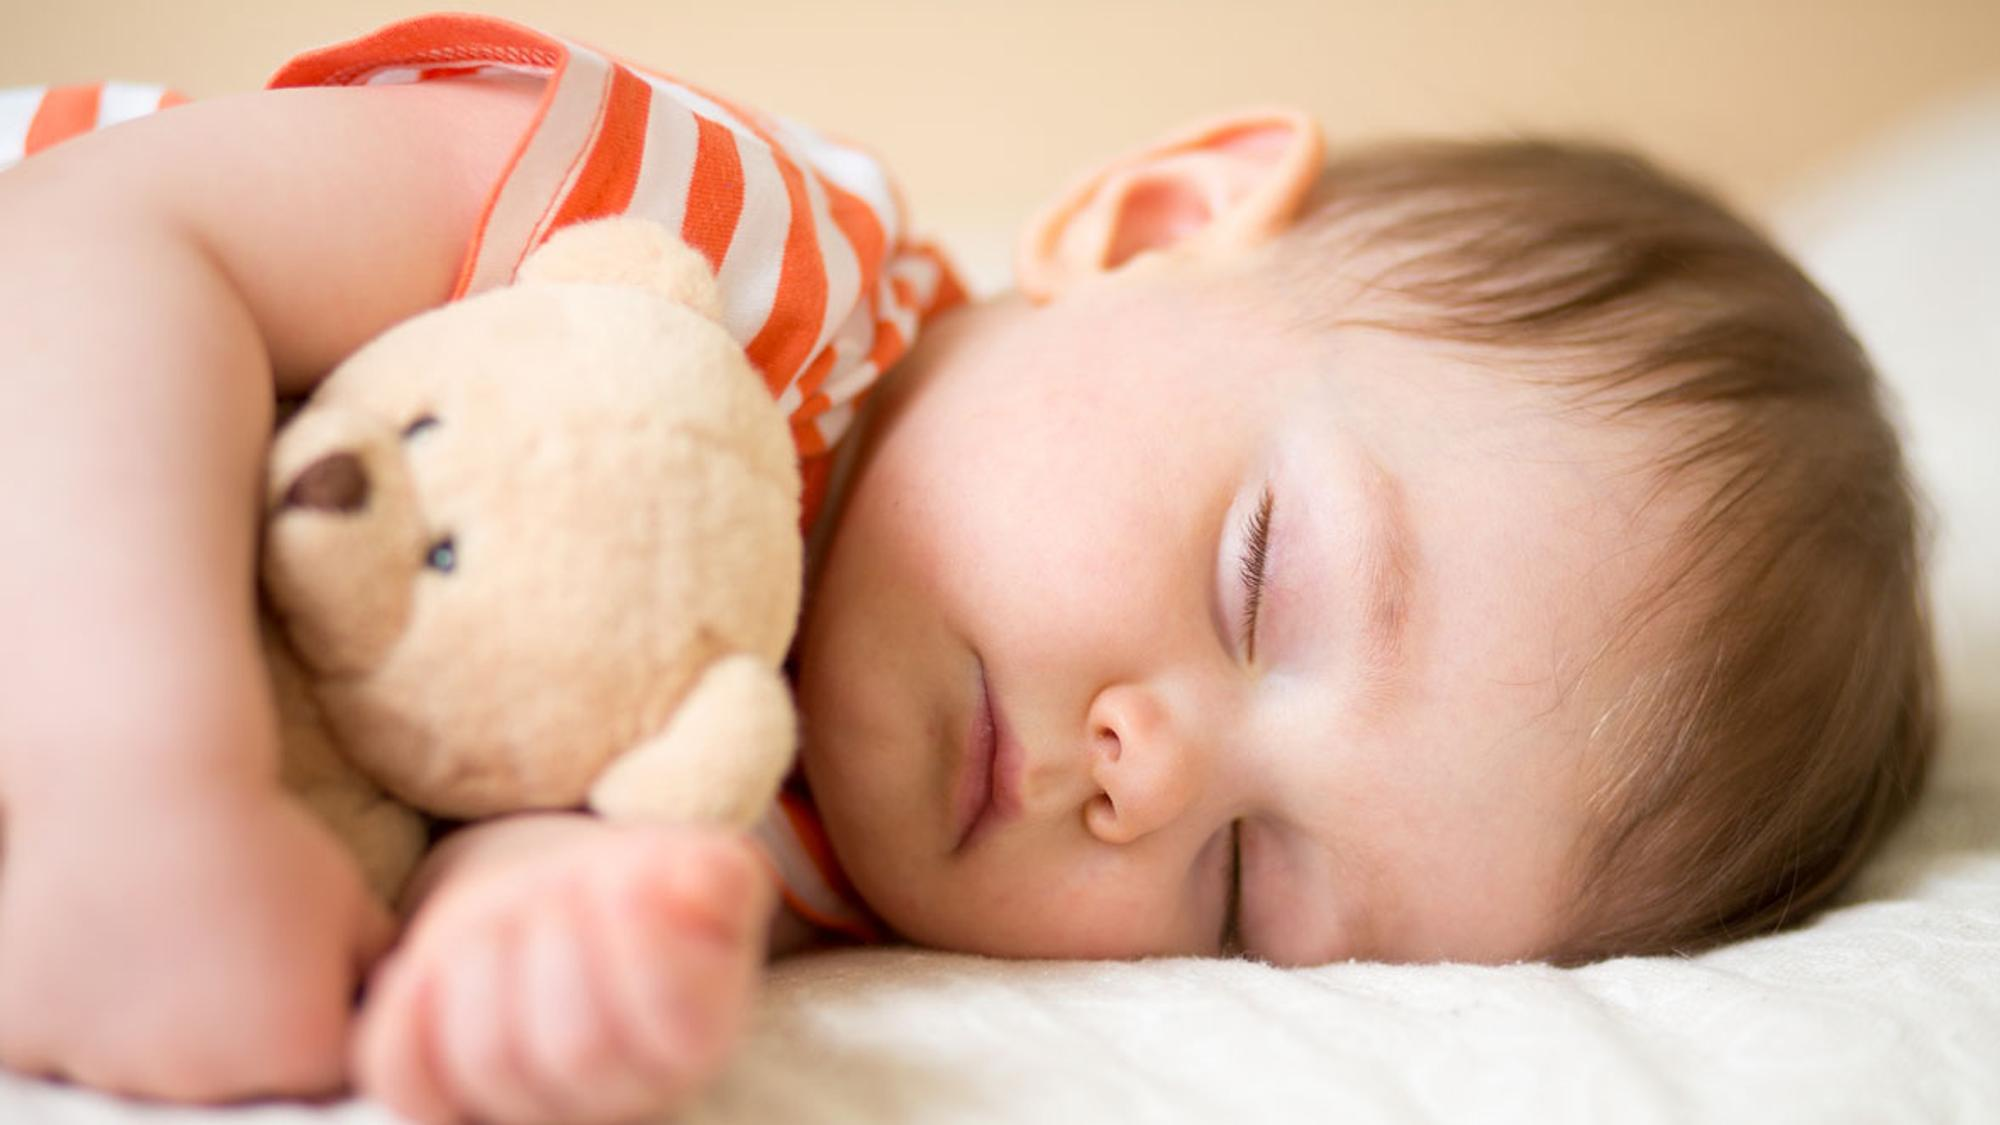 Ab wann kann ein Kind bei den Großeltern schlafen dürfen? Unsere Autorin finden, jetzt auf jeden Fall noch nicht!